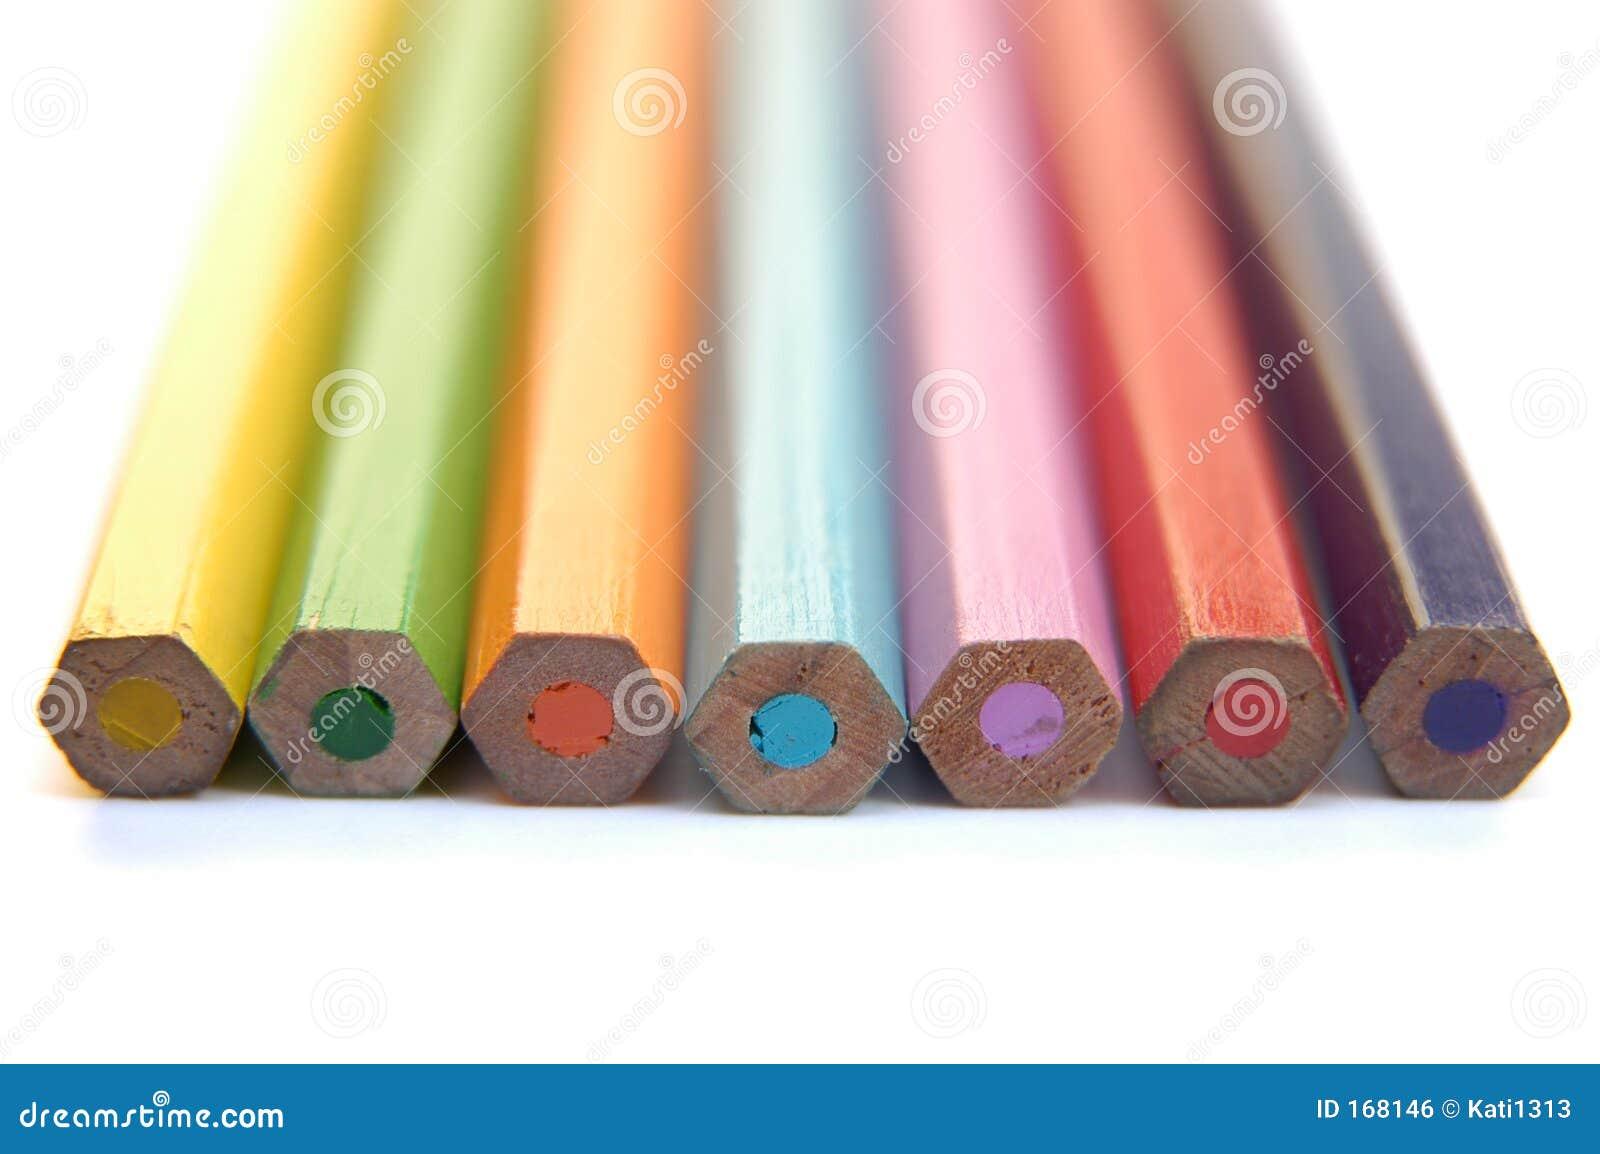 Colorful crayons II